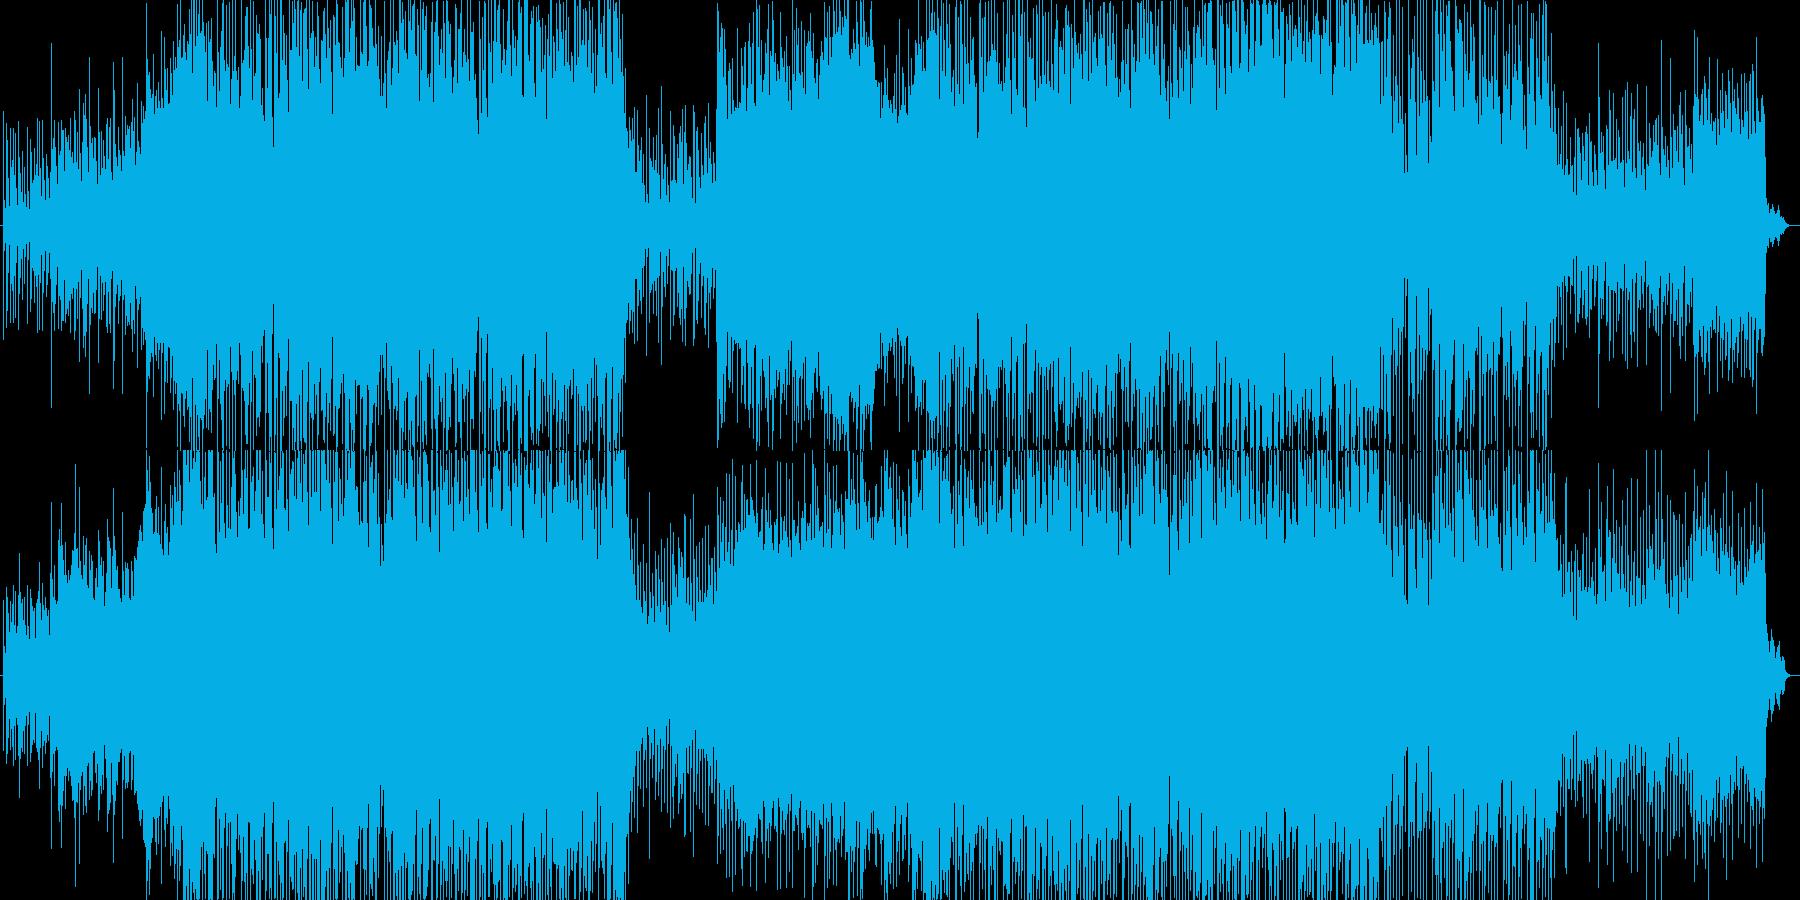 報道番組OPなどに向いた軽快で爽やかな曲の再生済みの波形